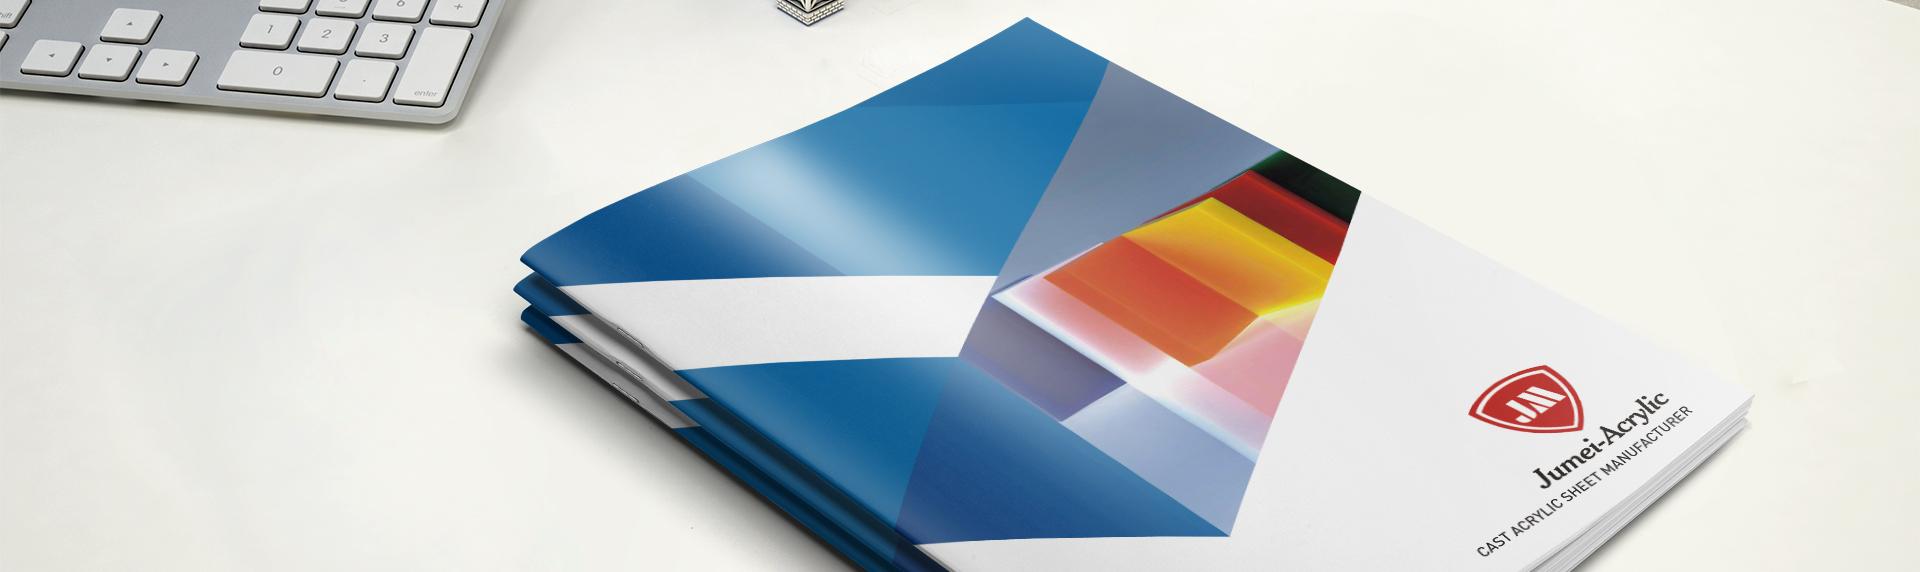 SSC设计-聚美画册设计